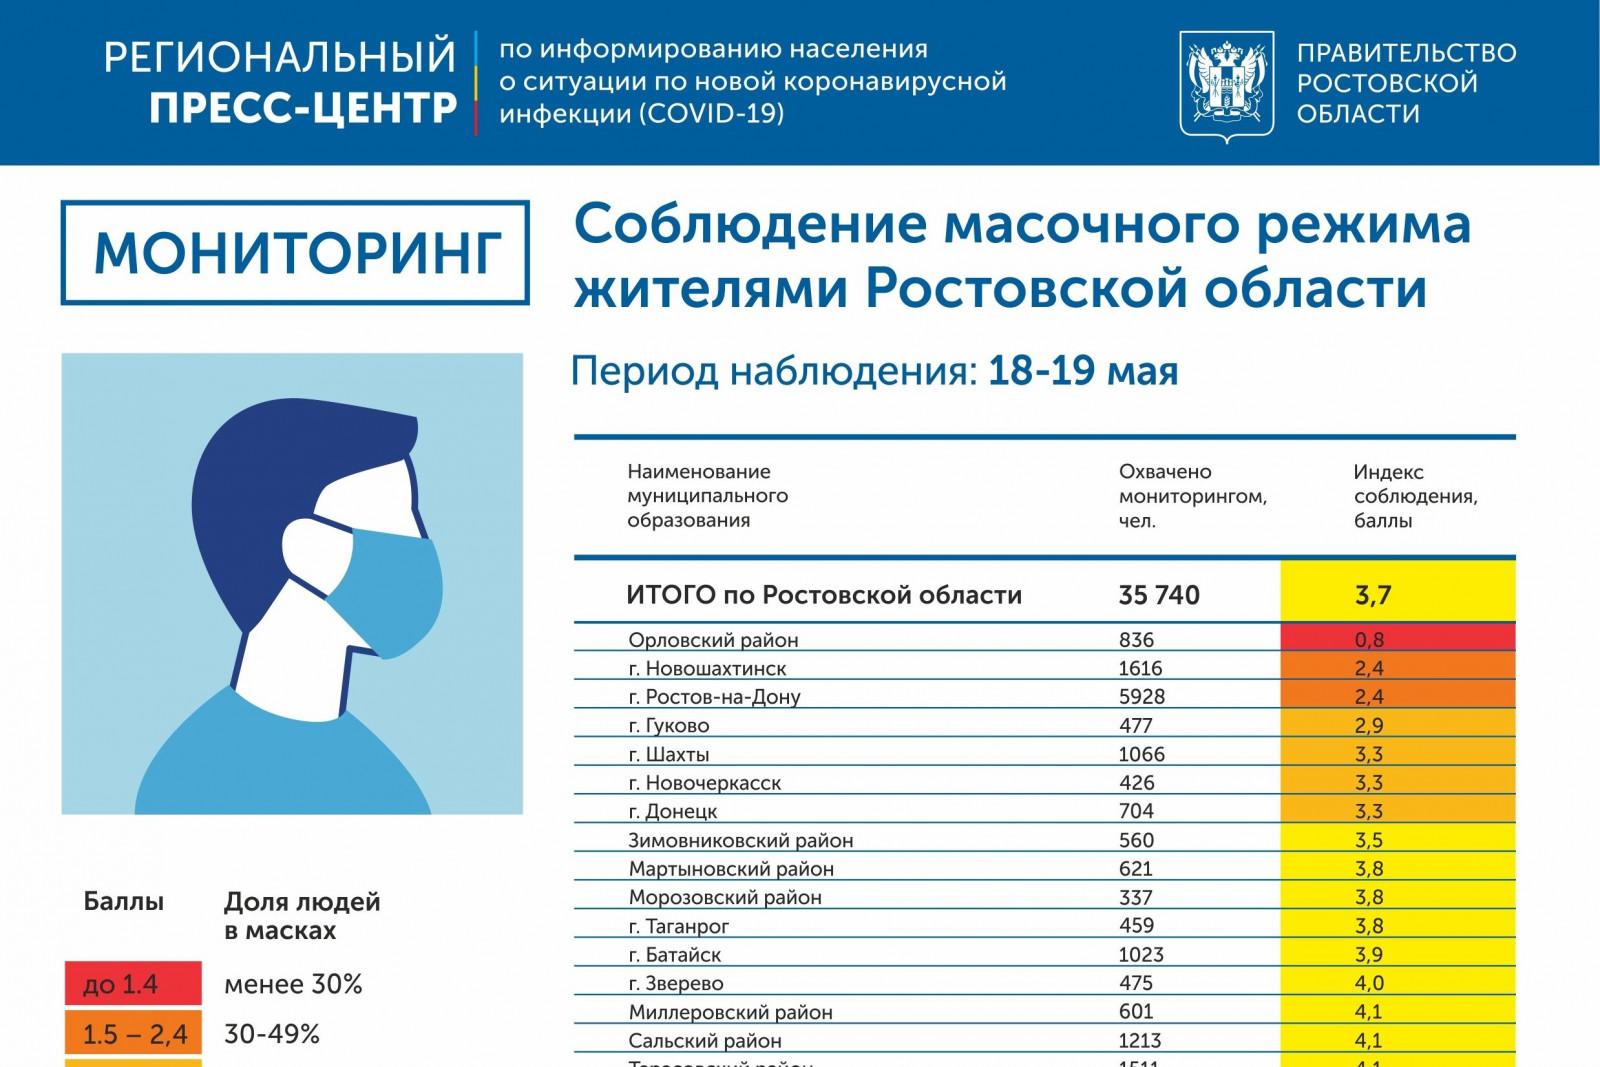 Двоечники и отличники: постоянный мониторинг масочного режима введён на Дону